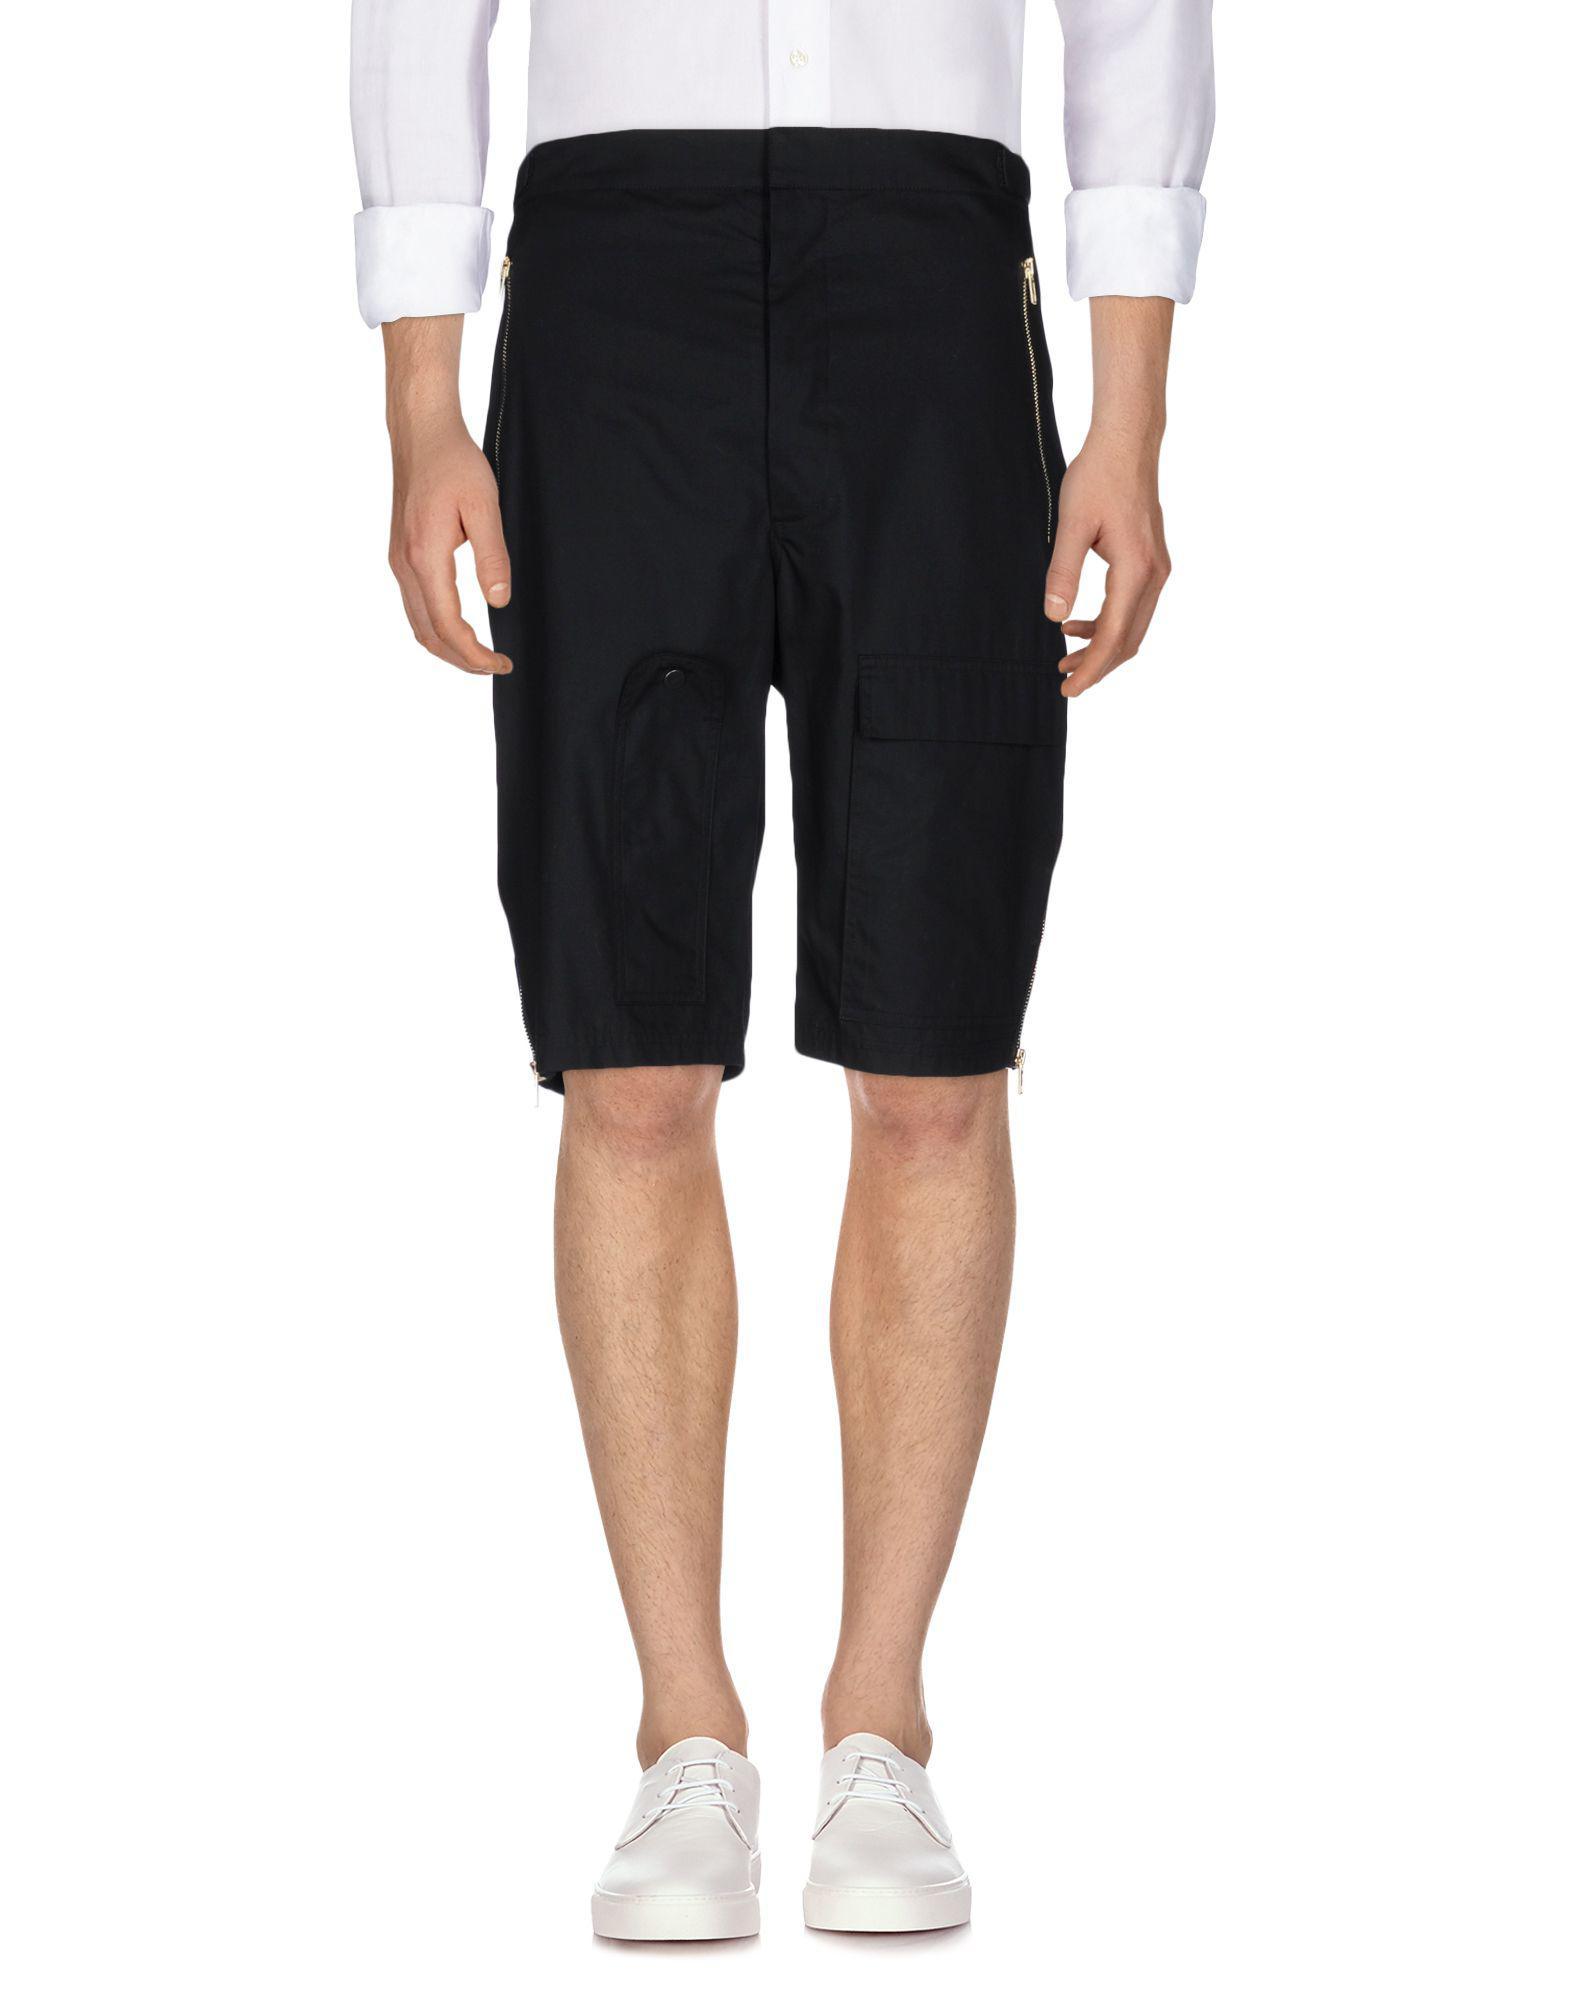 TROUSERS - Bermuda shorts Kostas Murkudis Top Quality Cheap Price Cheap Price 52e1q